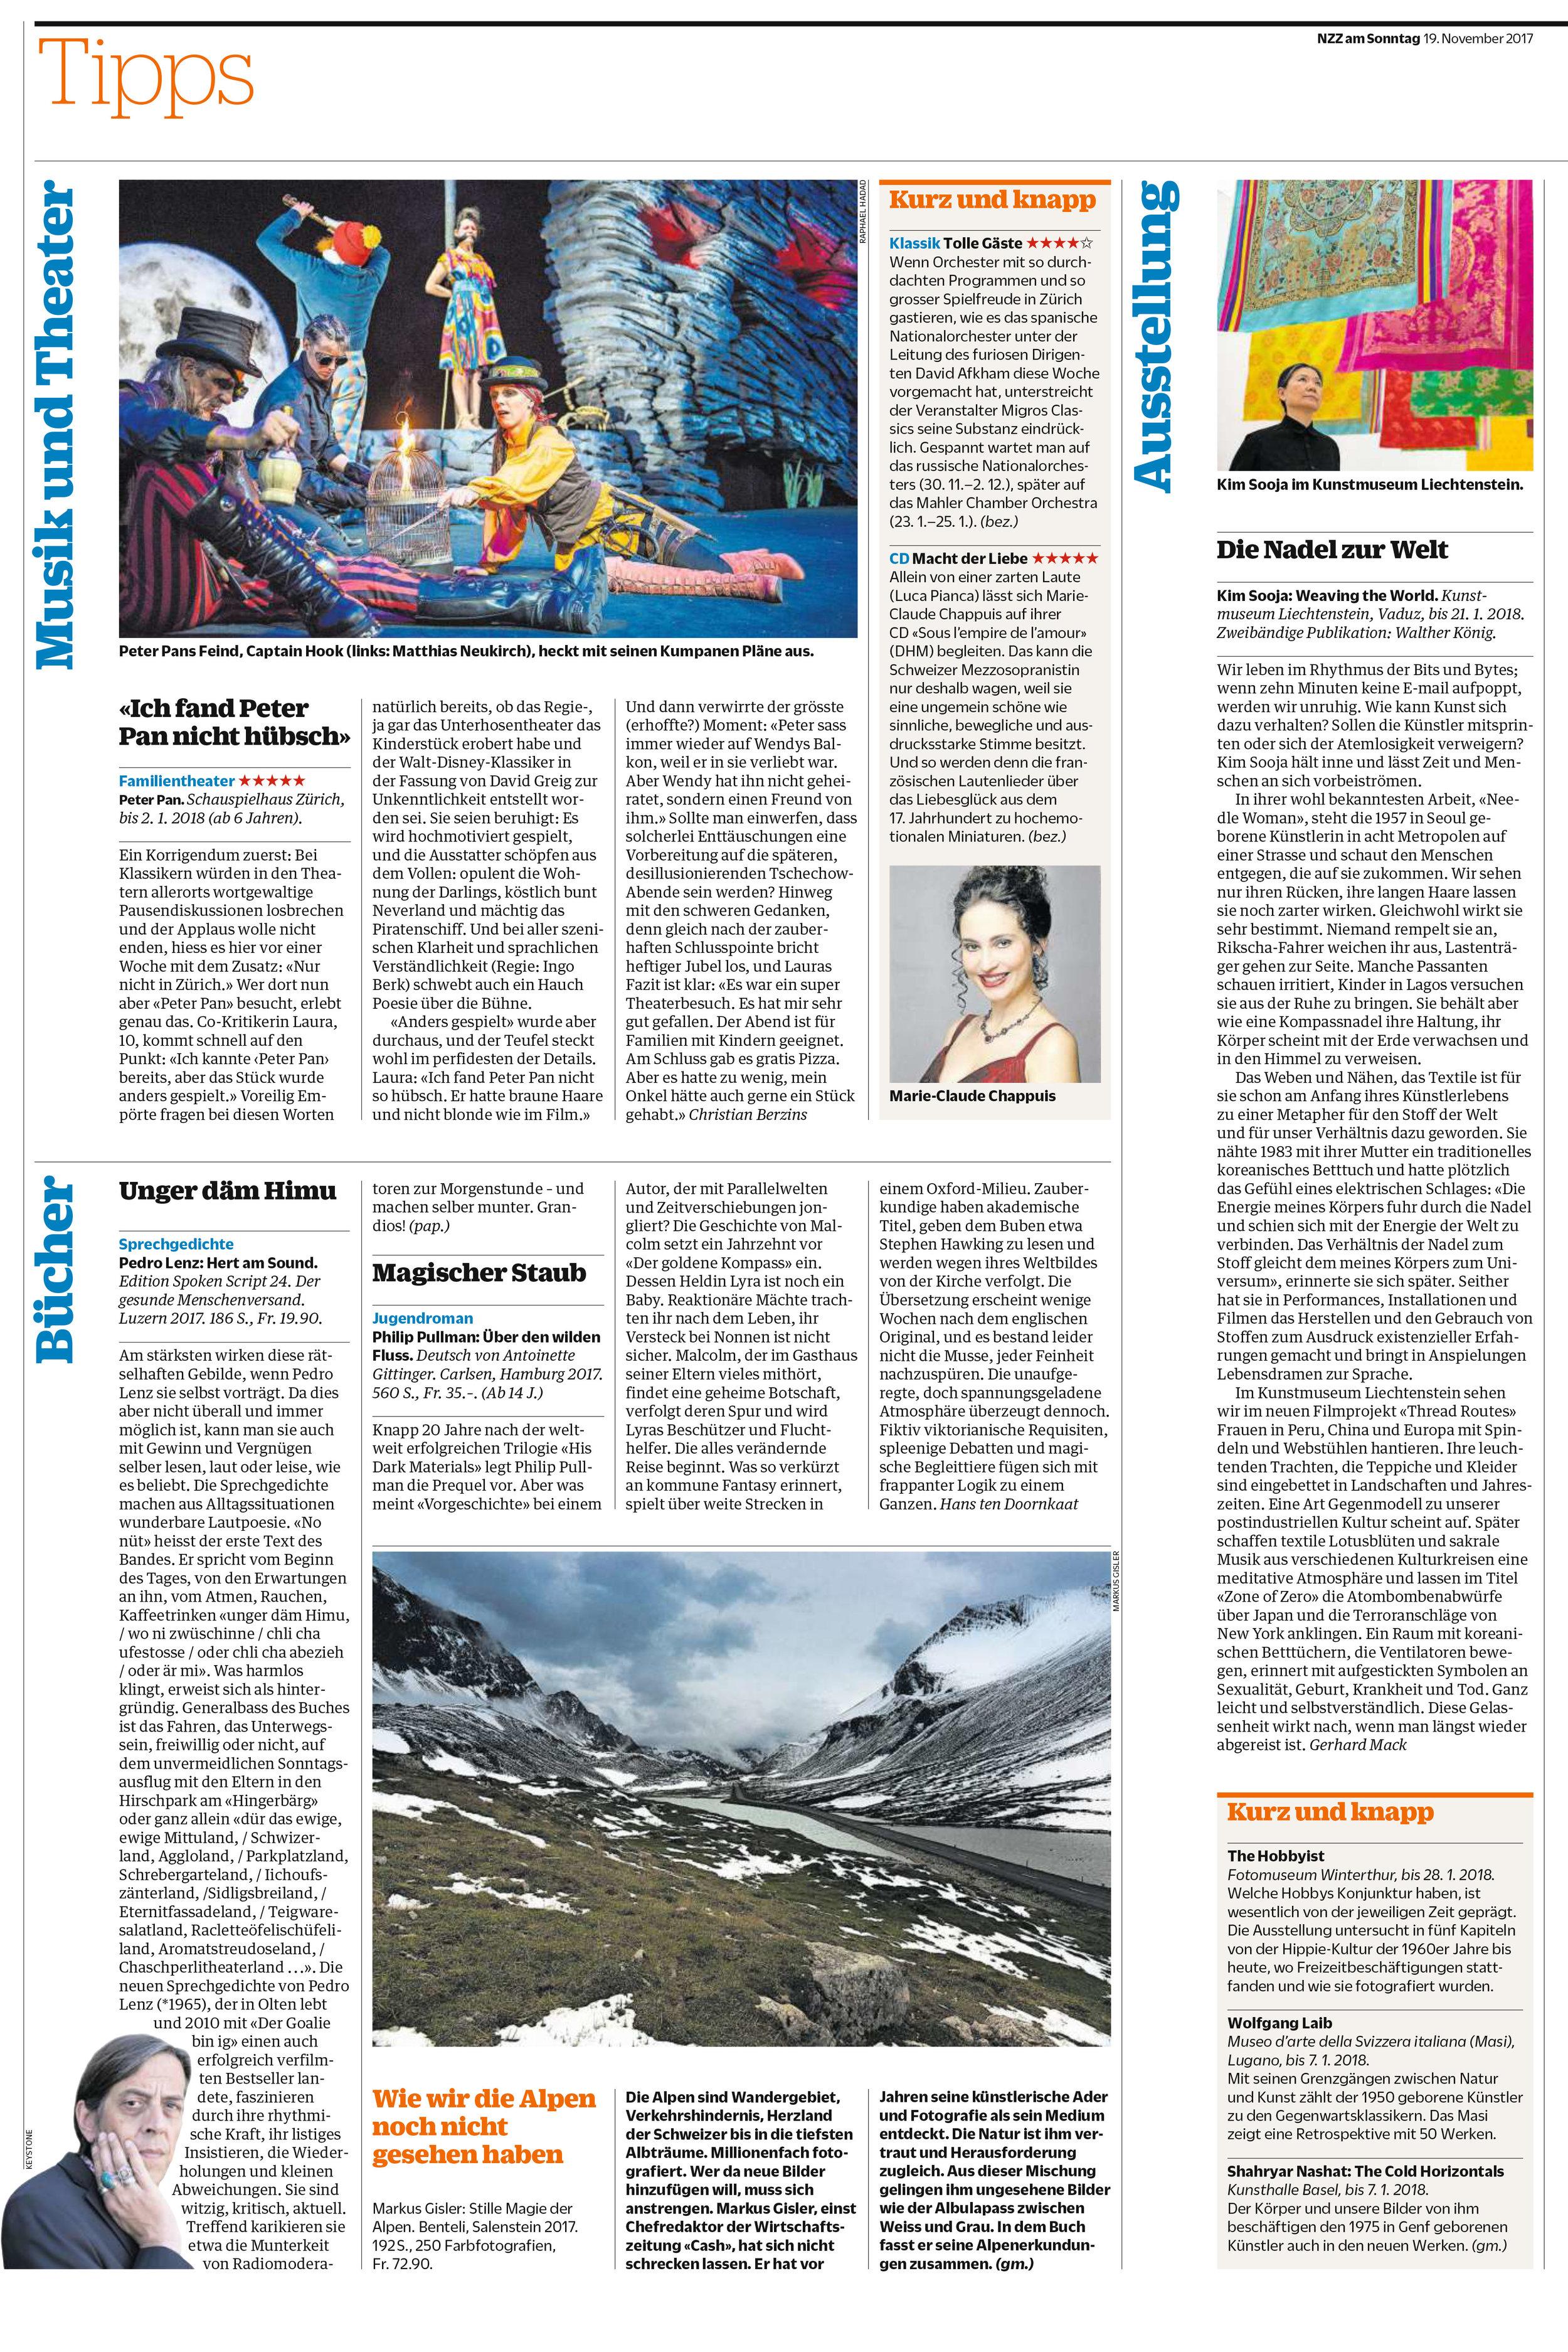 2017_Seite_76_NZZ_am_Sonntag_2017-11-19.jpg